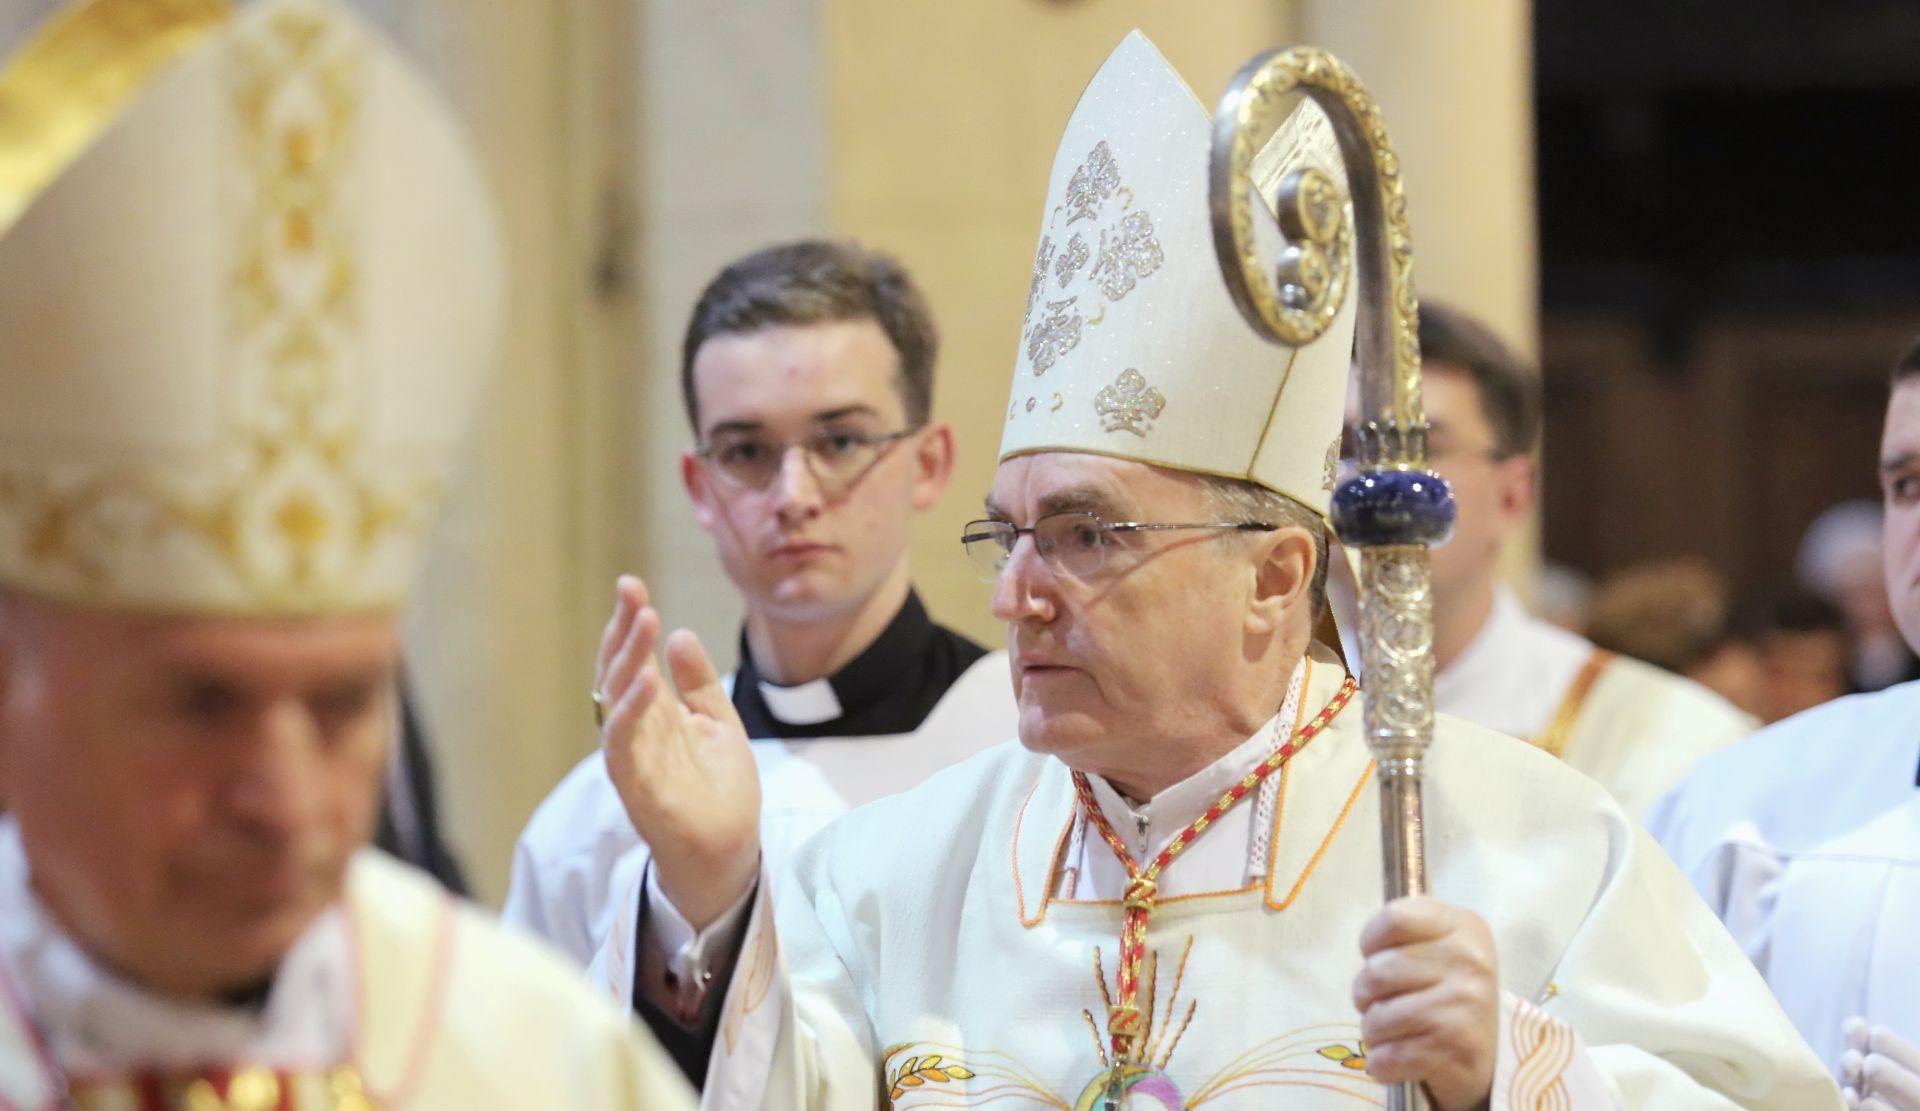 BOZANIĆ 'Uskrs je temelj kršćanske vjere, dan pobjede, potiče pozitivne promjene'